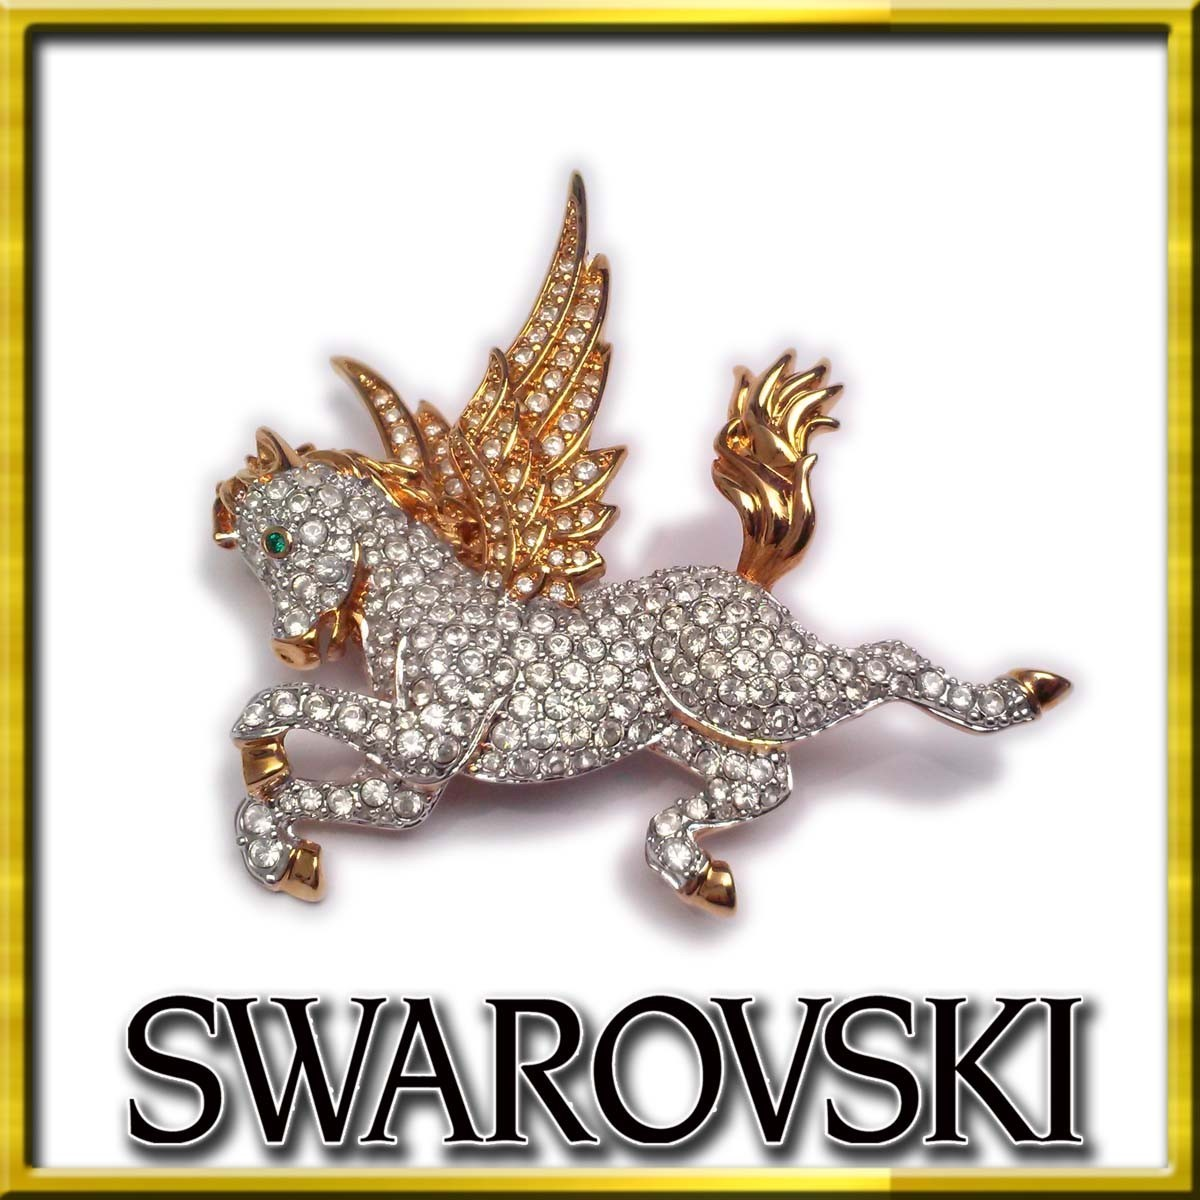 【新品同様-超美品】スワロフスキー ブローチ ペガサス ゴールド 白 緑 レディース SWAROVSKI 箱 appre5724【一撃即決】_画像1